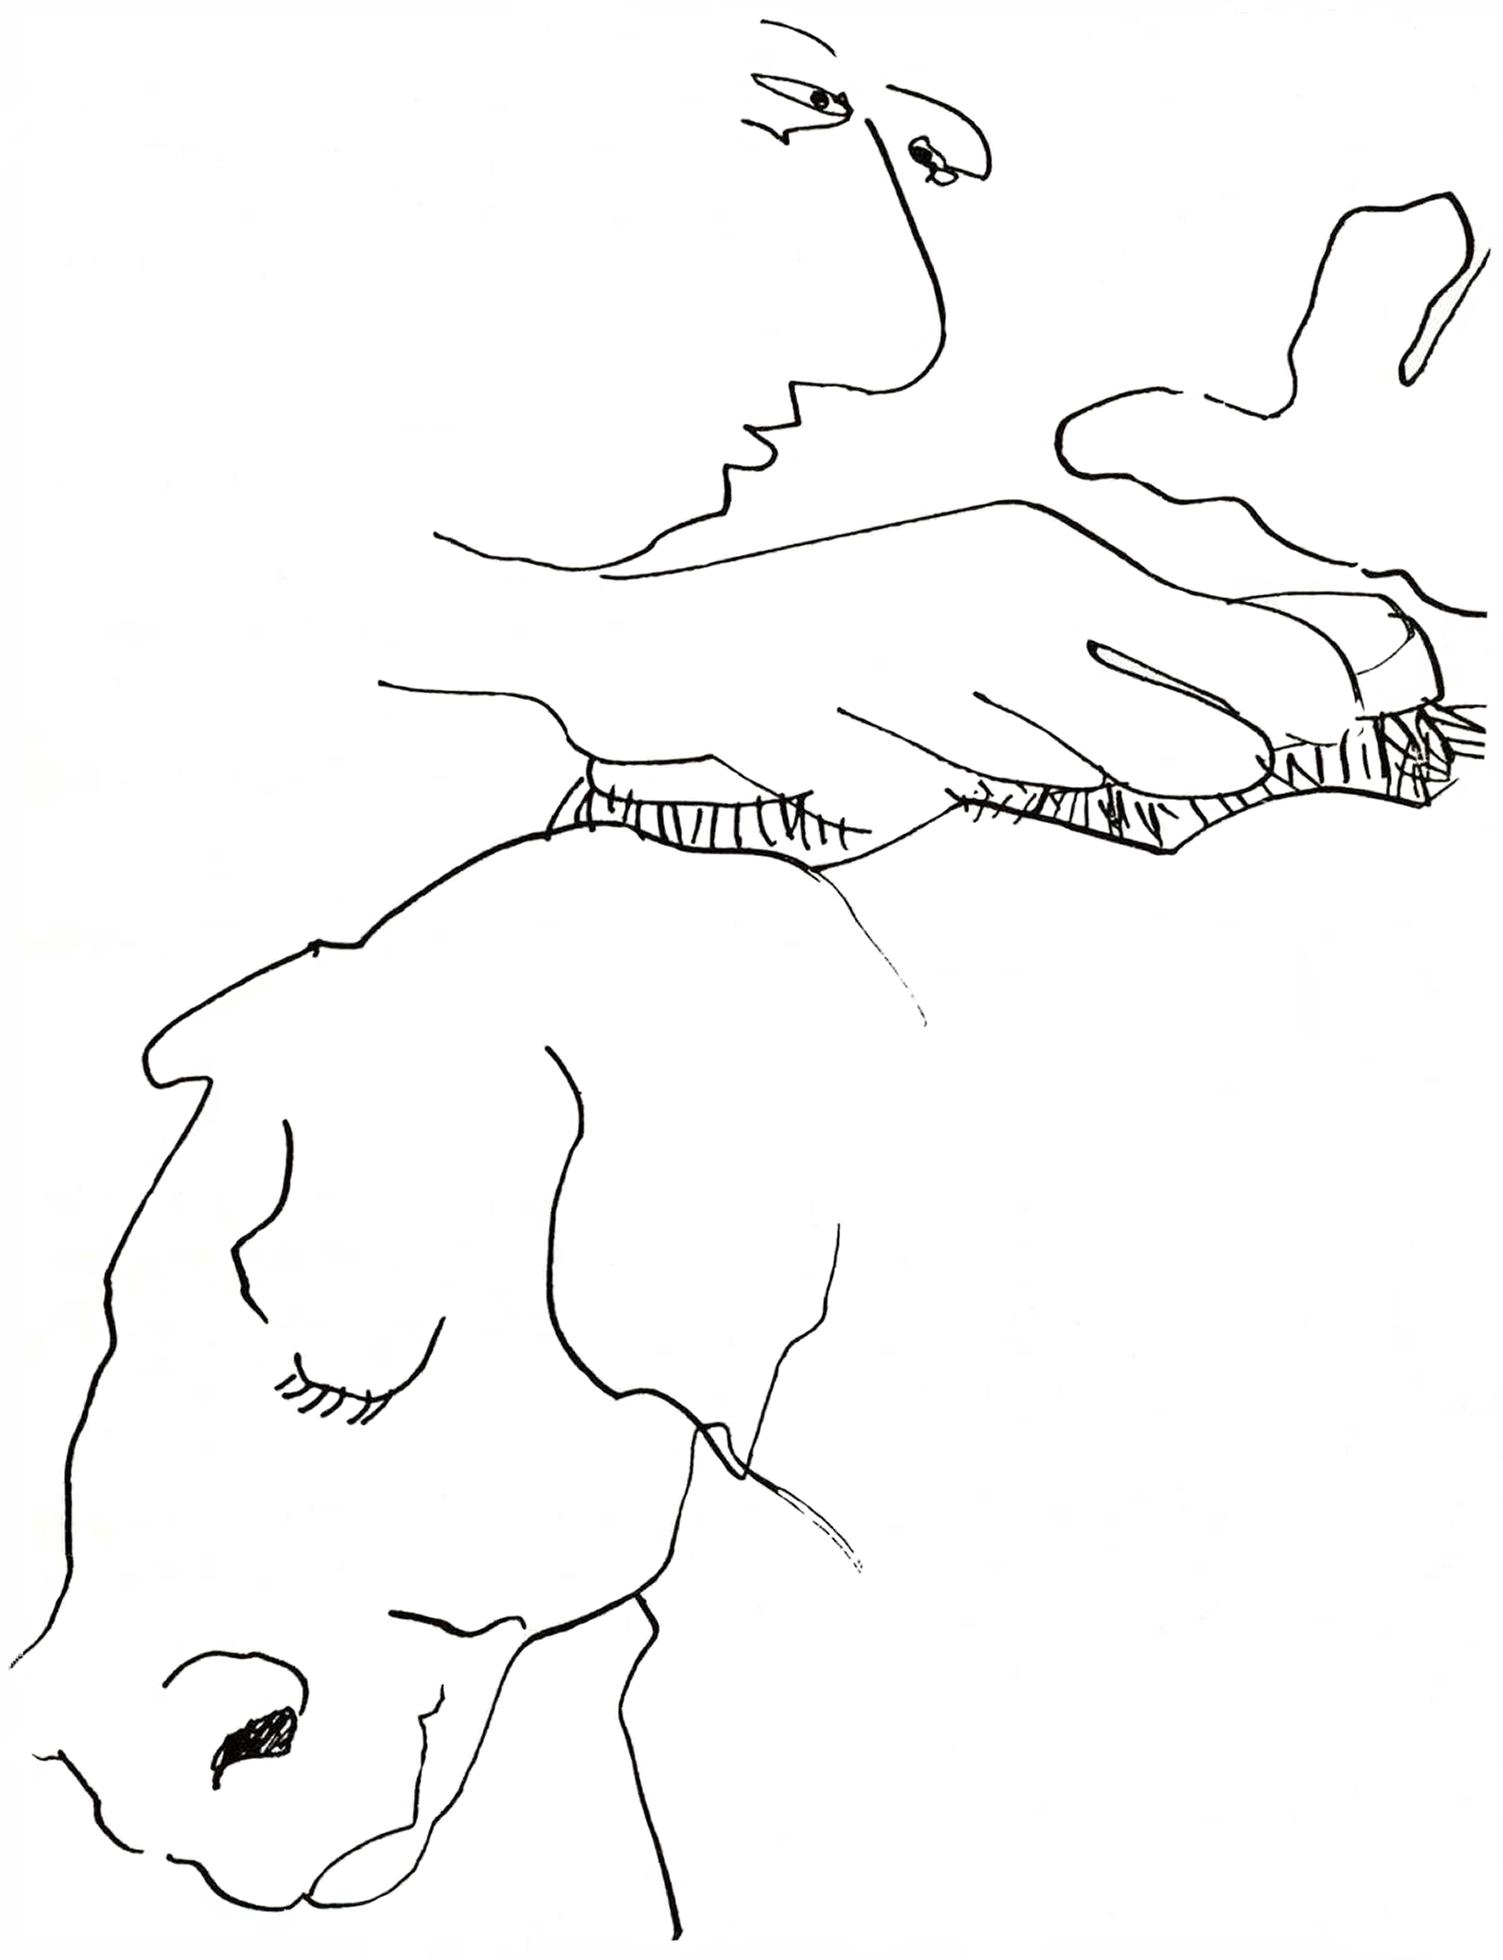 6 - Drawing - Mathers